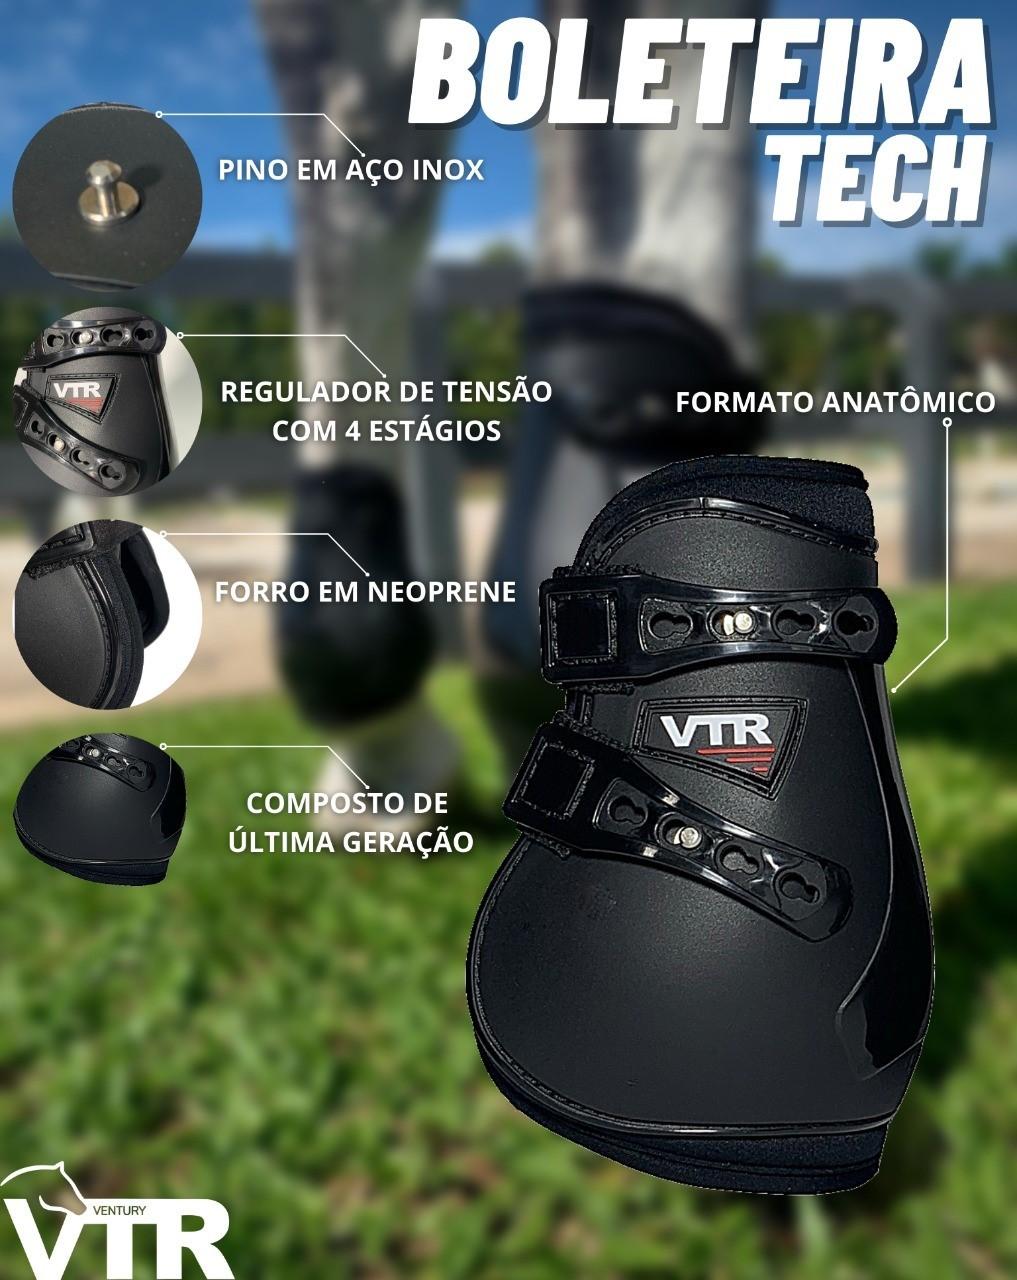 Boleteira VTR Tech Jump - Lançamento